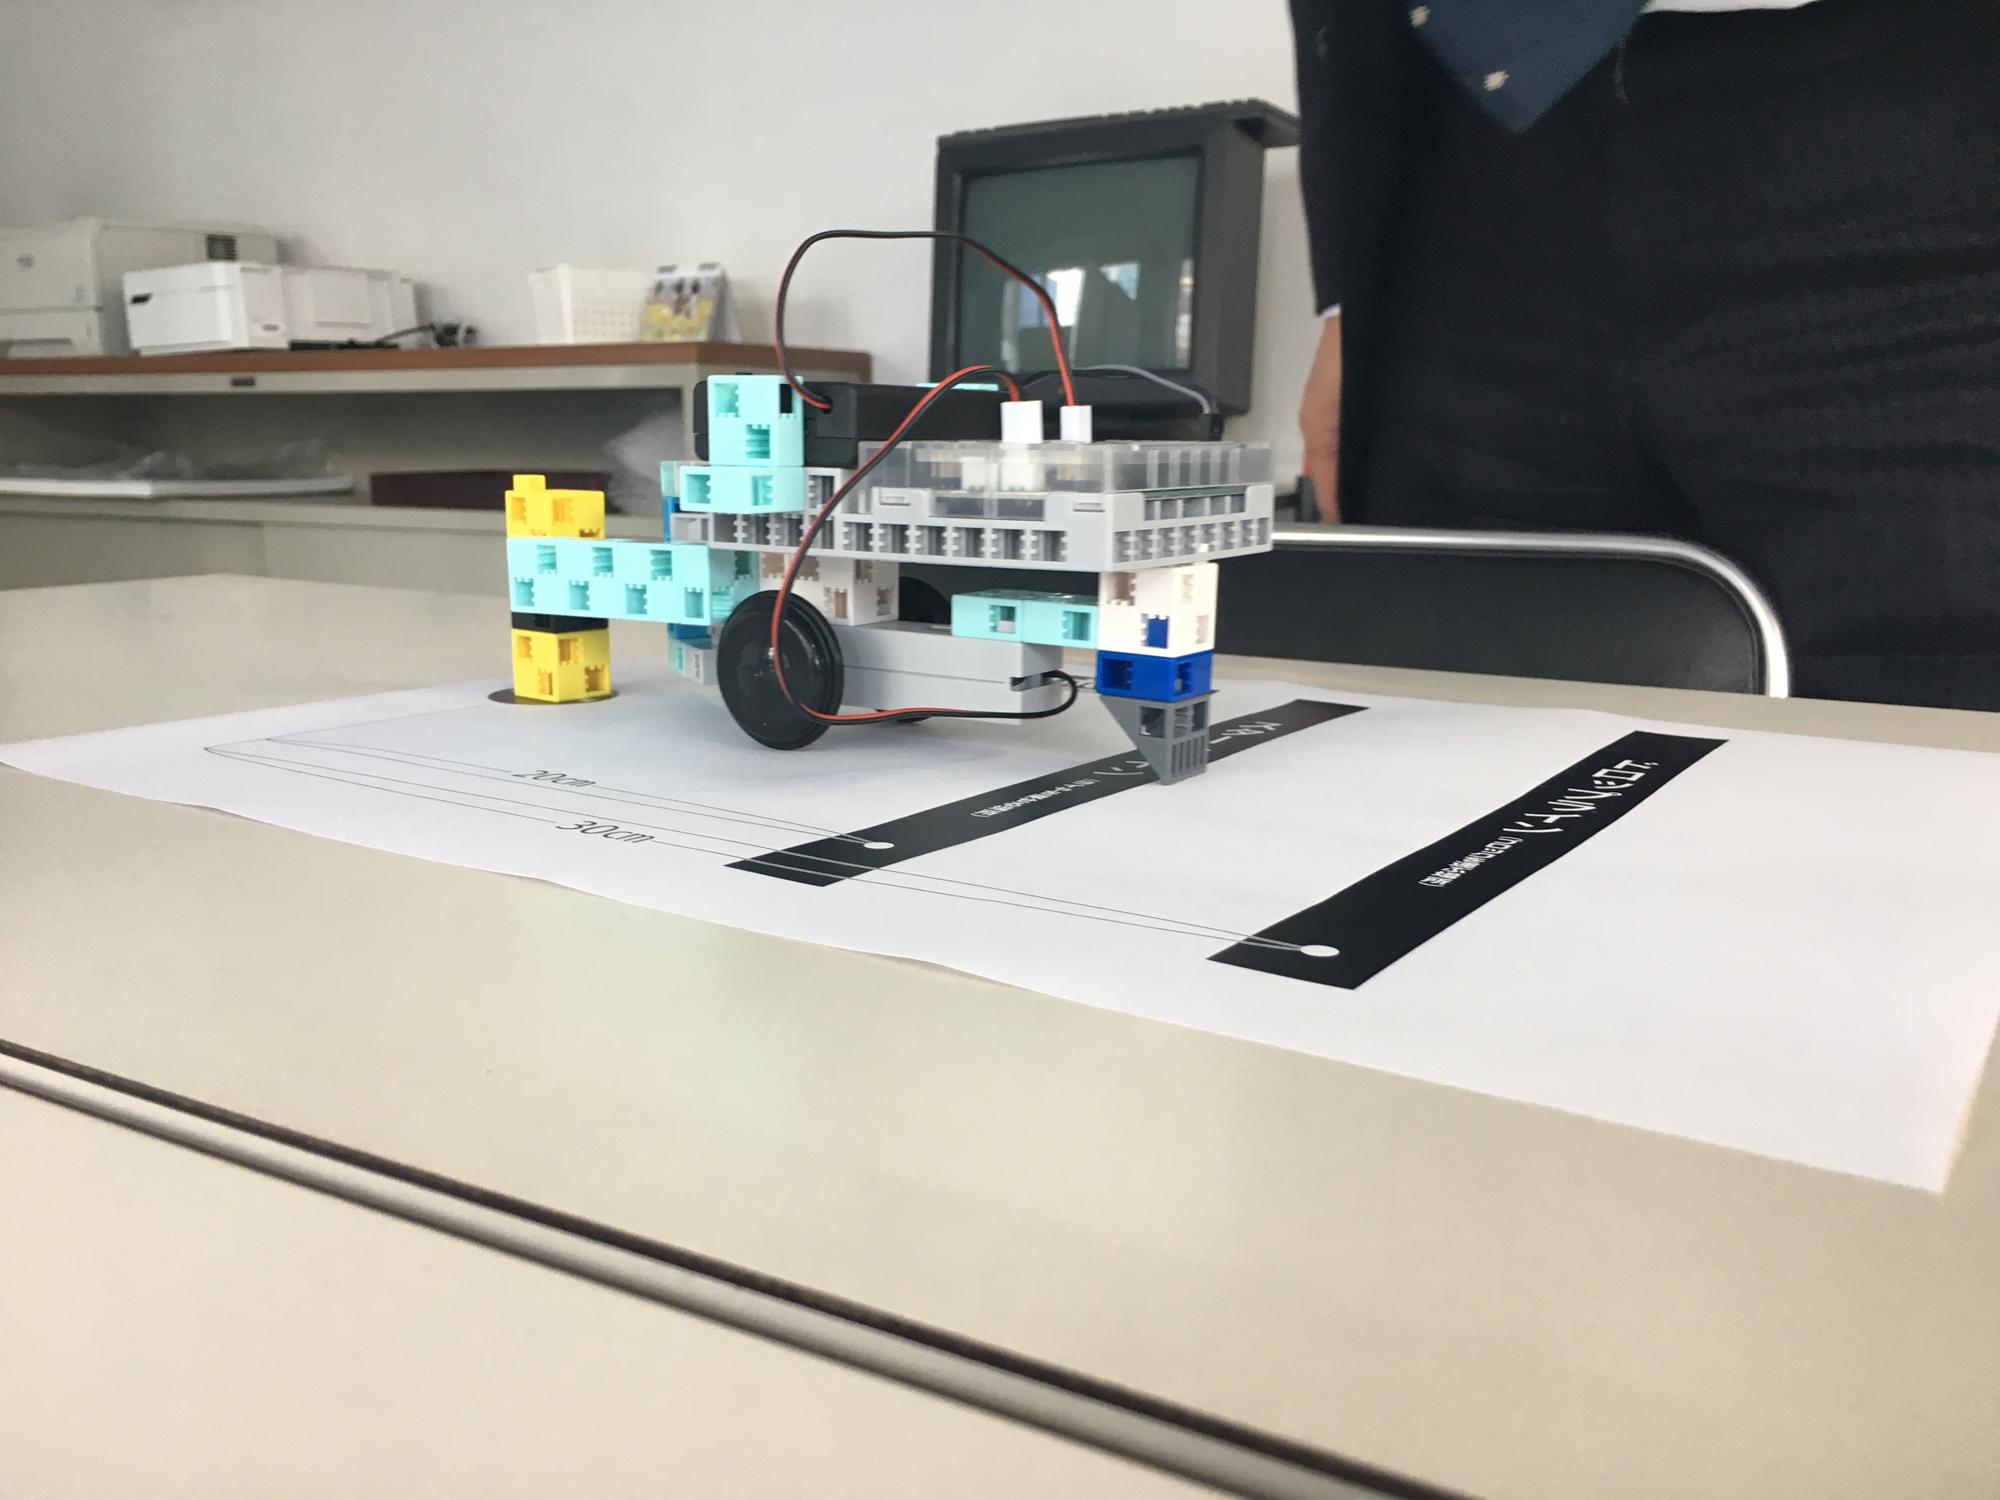 プログラムされたロボットの実験